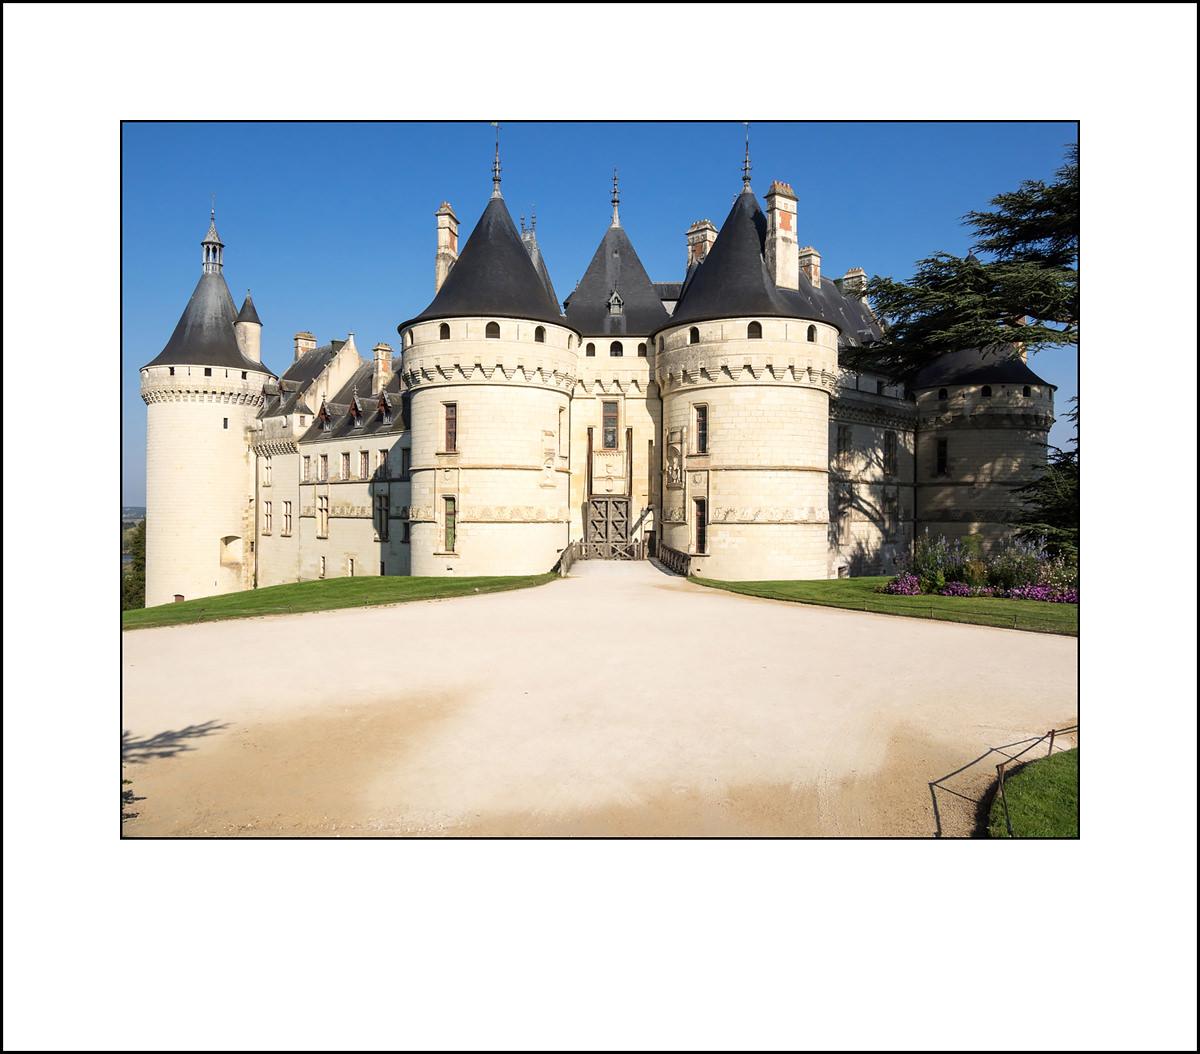 Chaumont-sur-Loire